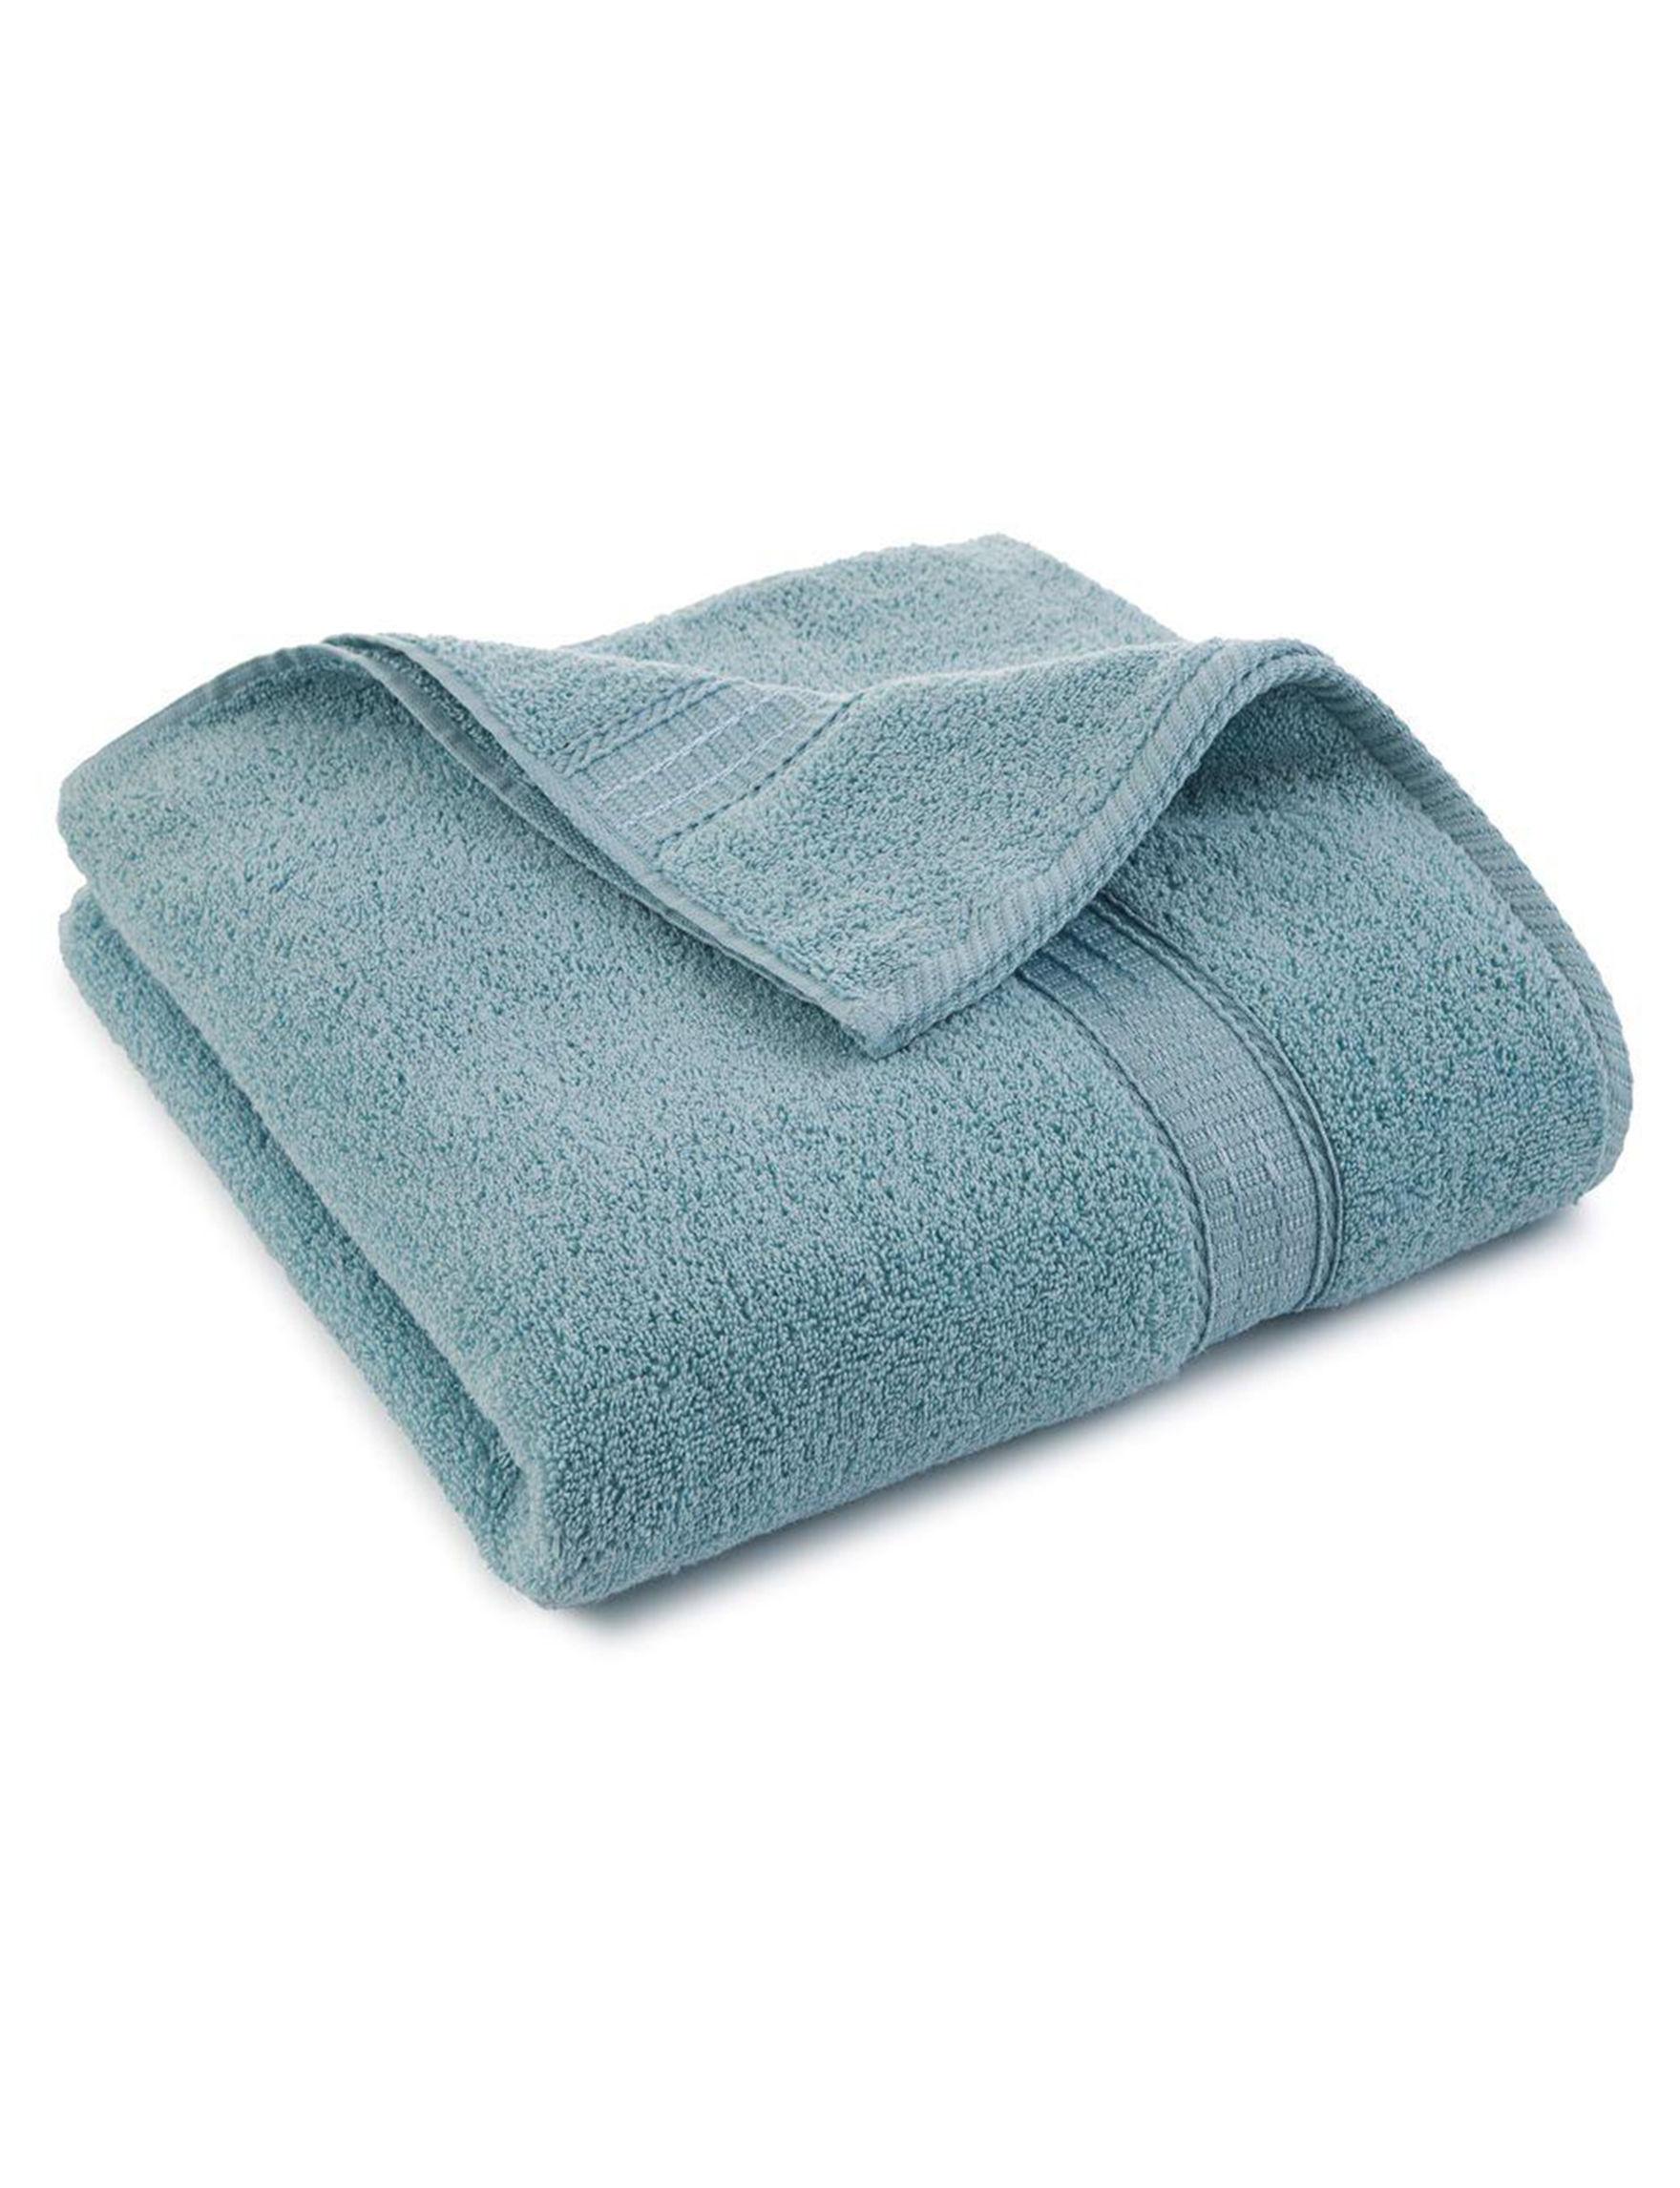 Martex Mineral Bath Towels Towels